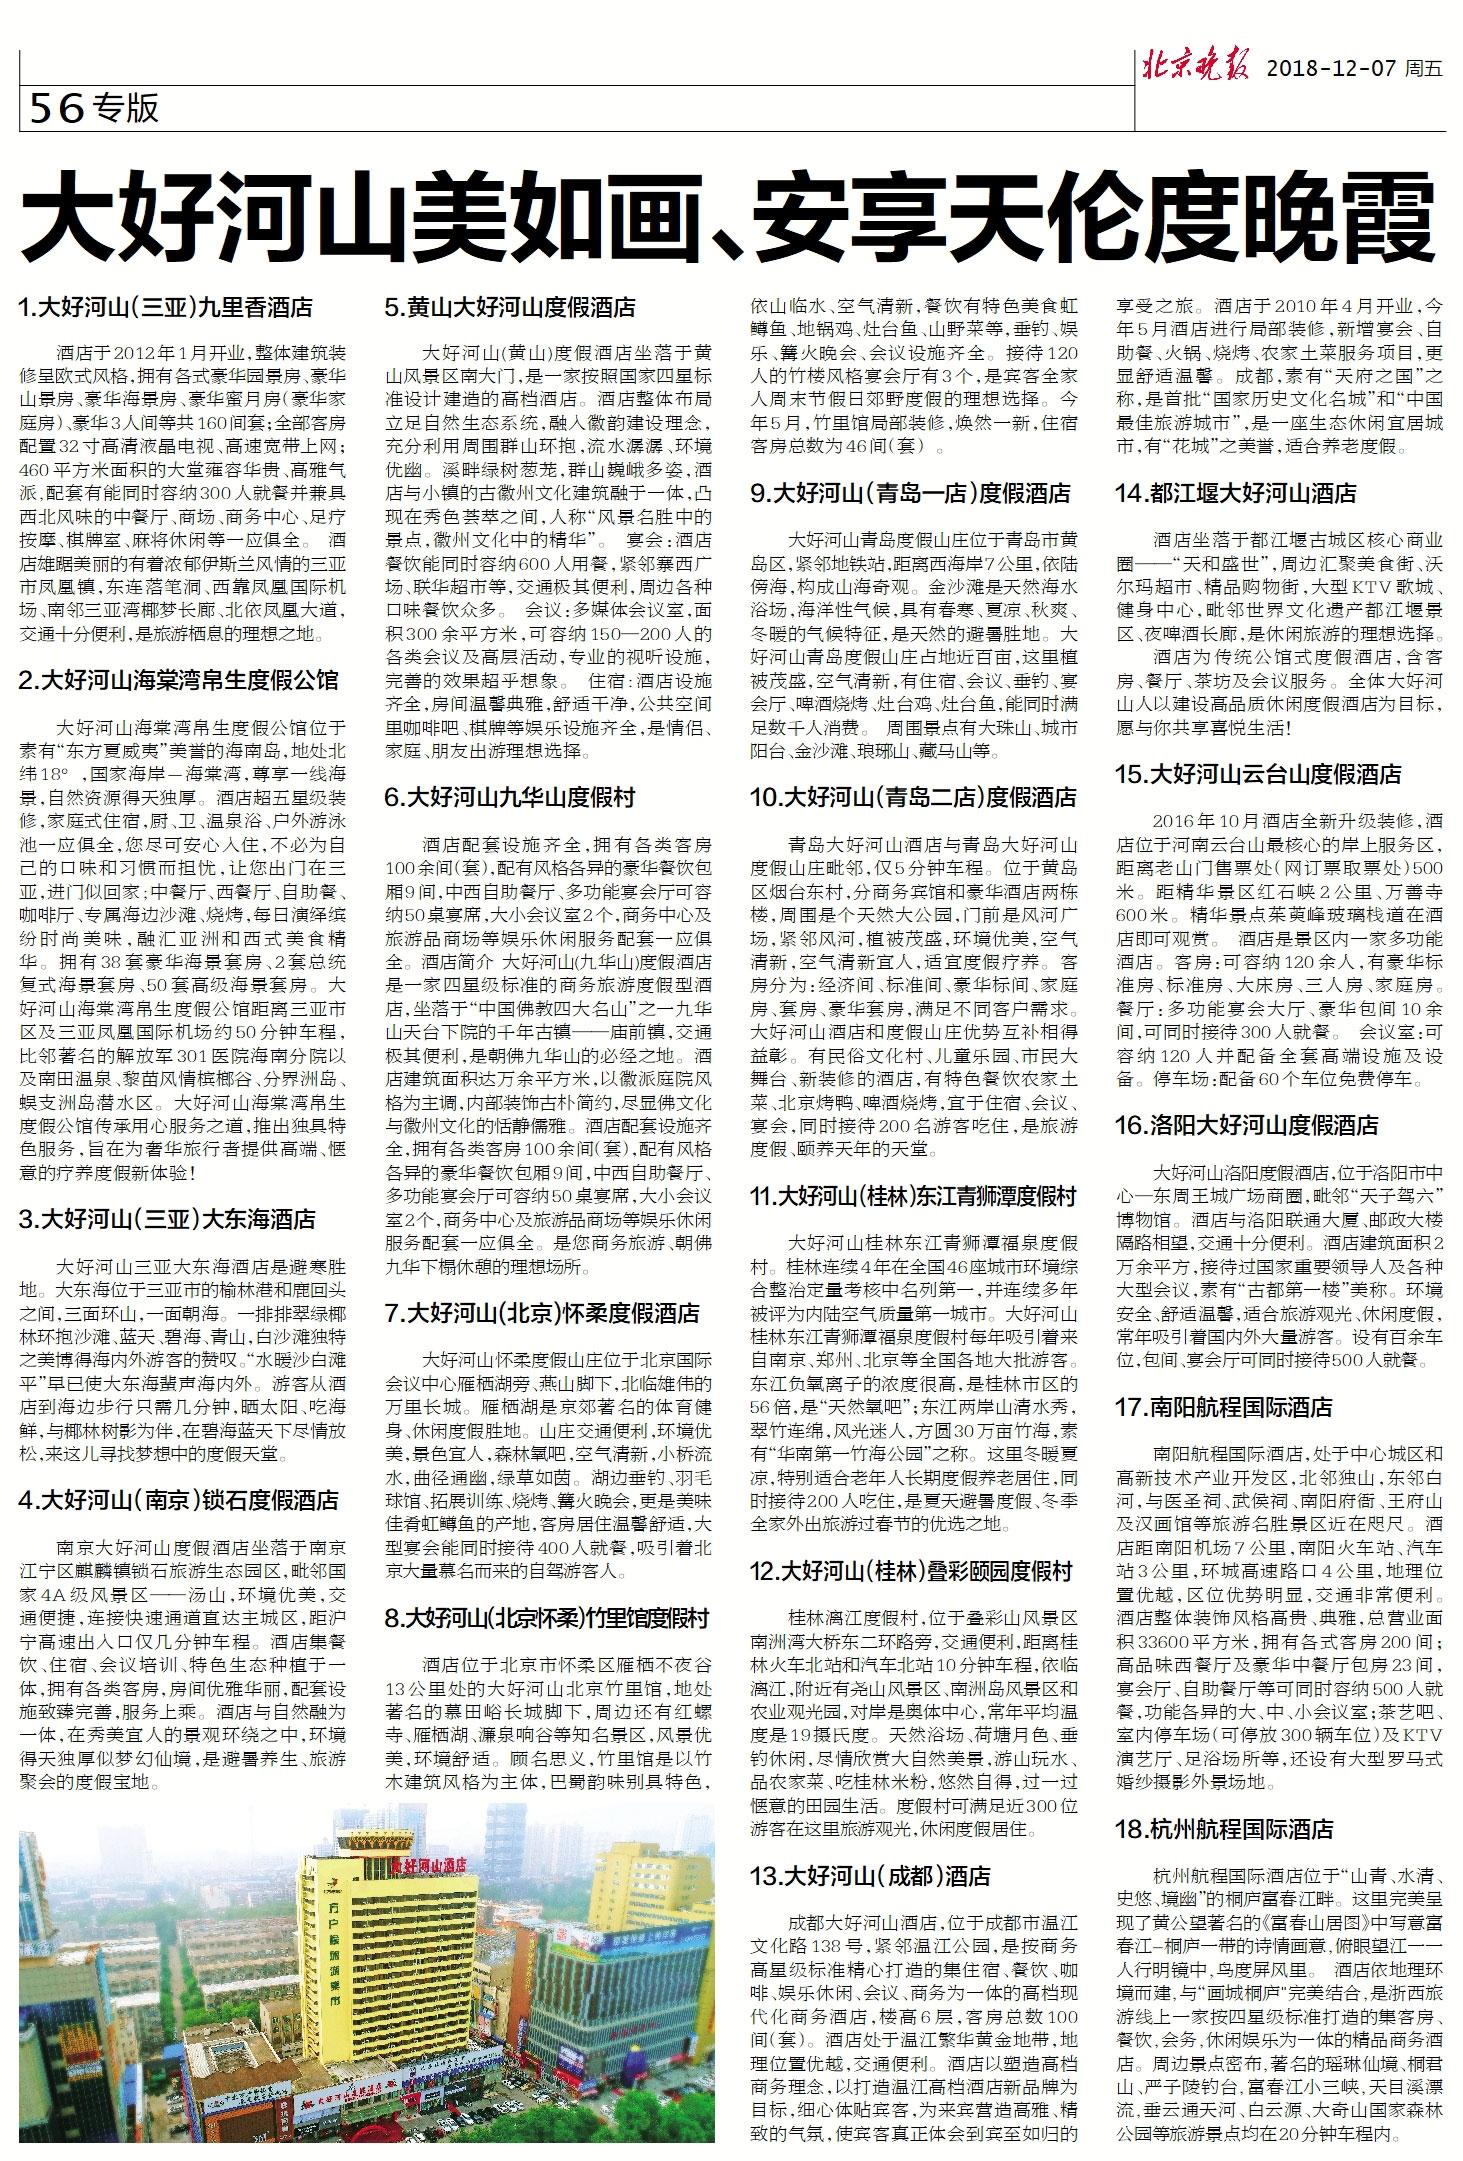 北京晚报 2018-12-07 专版56